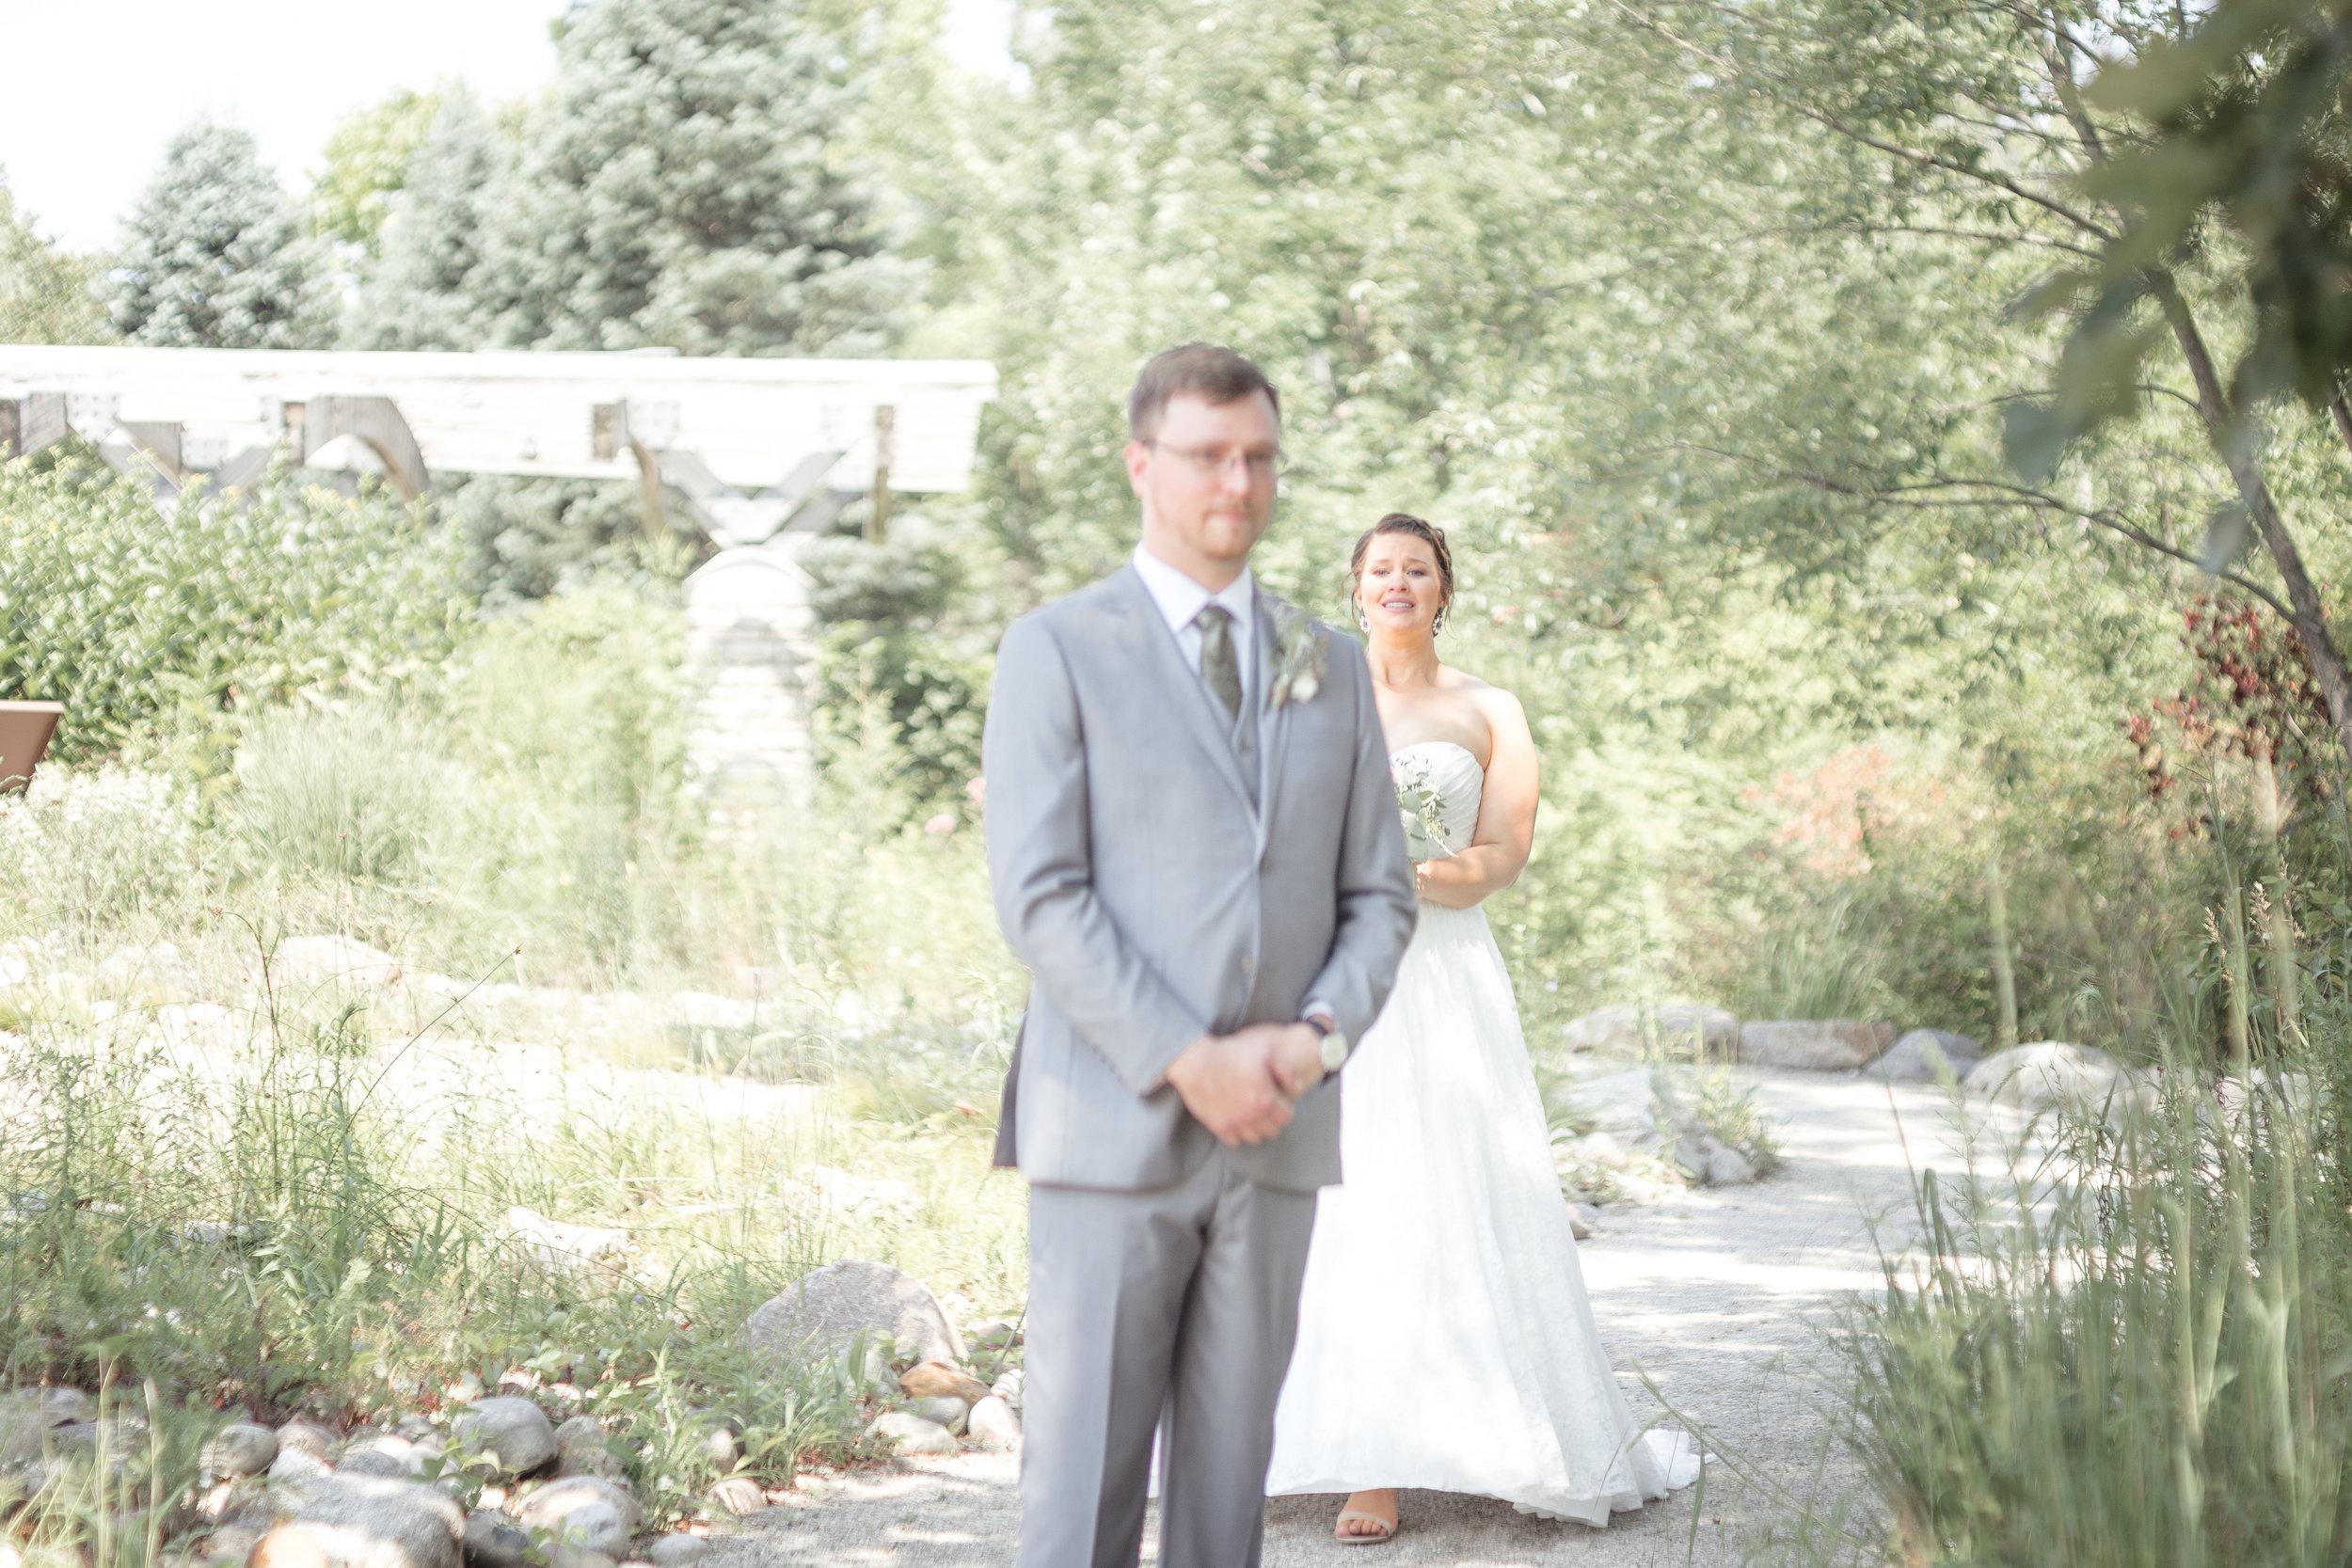 C_Wedding_Sarver, Alyssa & Scott_FOR BLOG-27.JPG